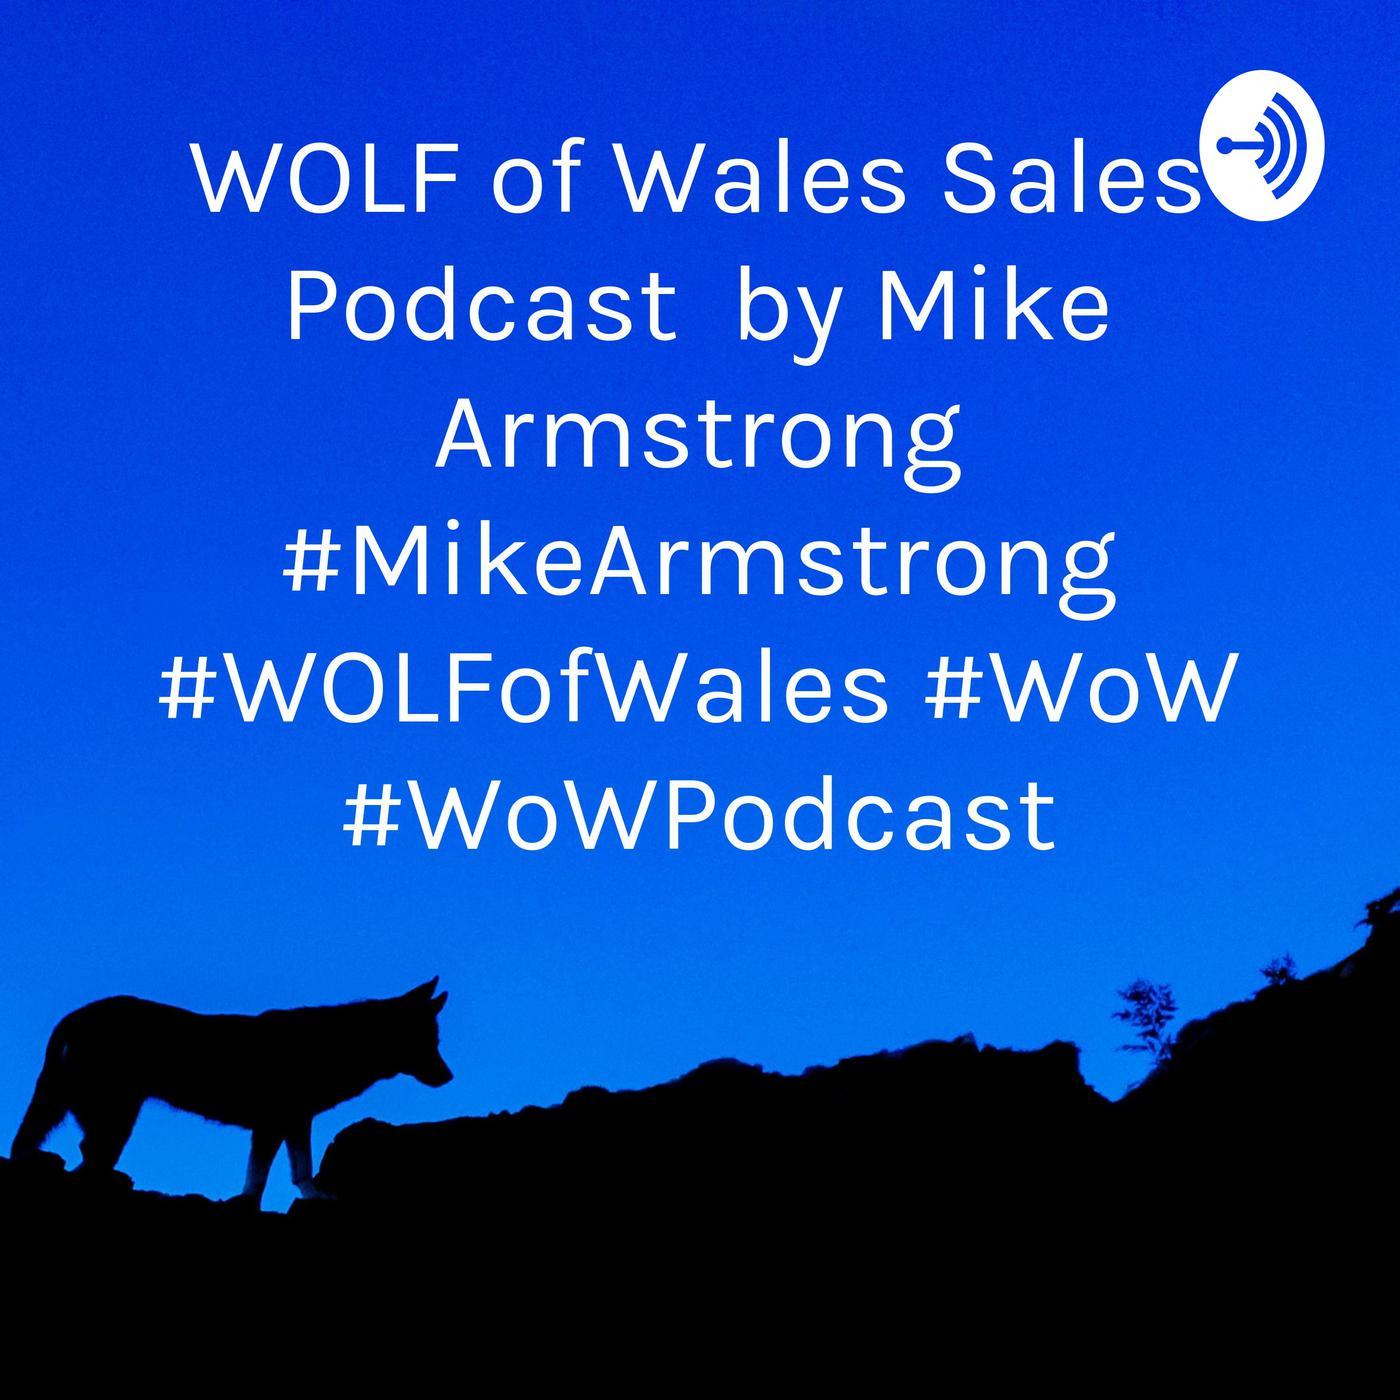 wolf-of-wales-sales-podcast-by-mike-UzlgBJ3v74P-faLoVtze-Kk.1400x1400